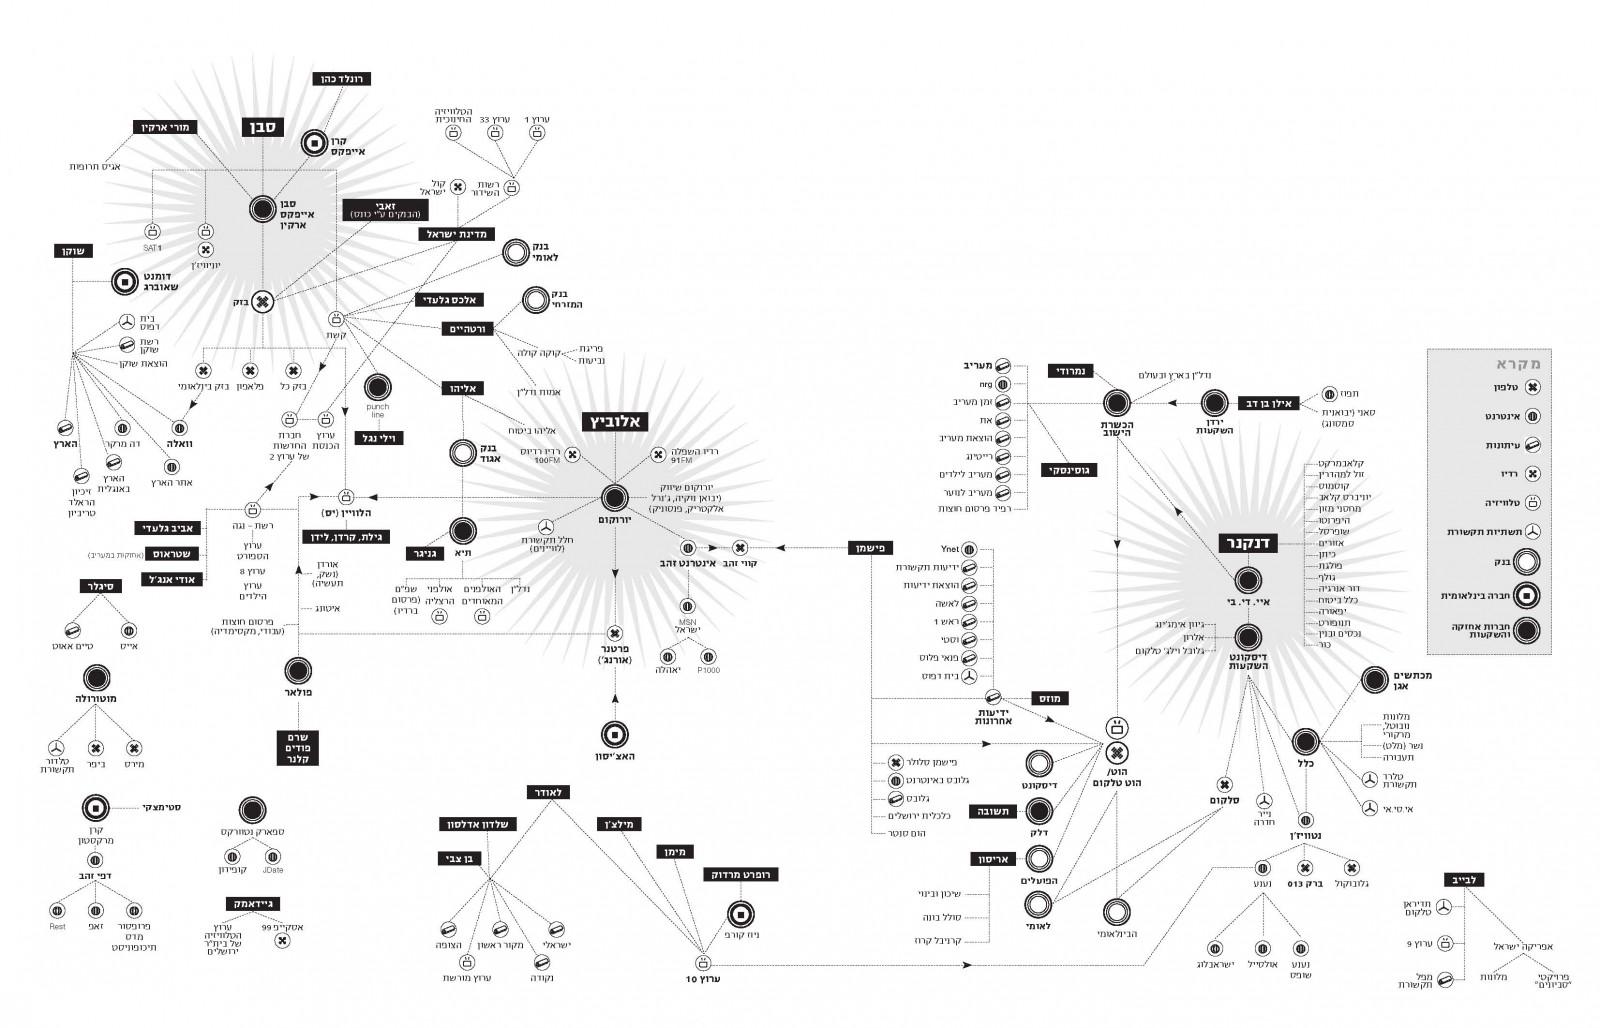 מפת הבעלויות בתקשורת, מהדורת 2006 (לחצו להגדלה)